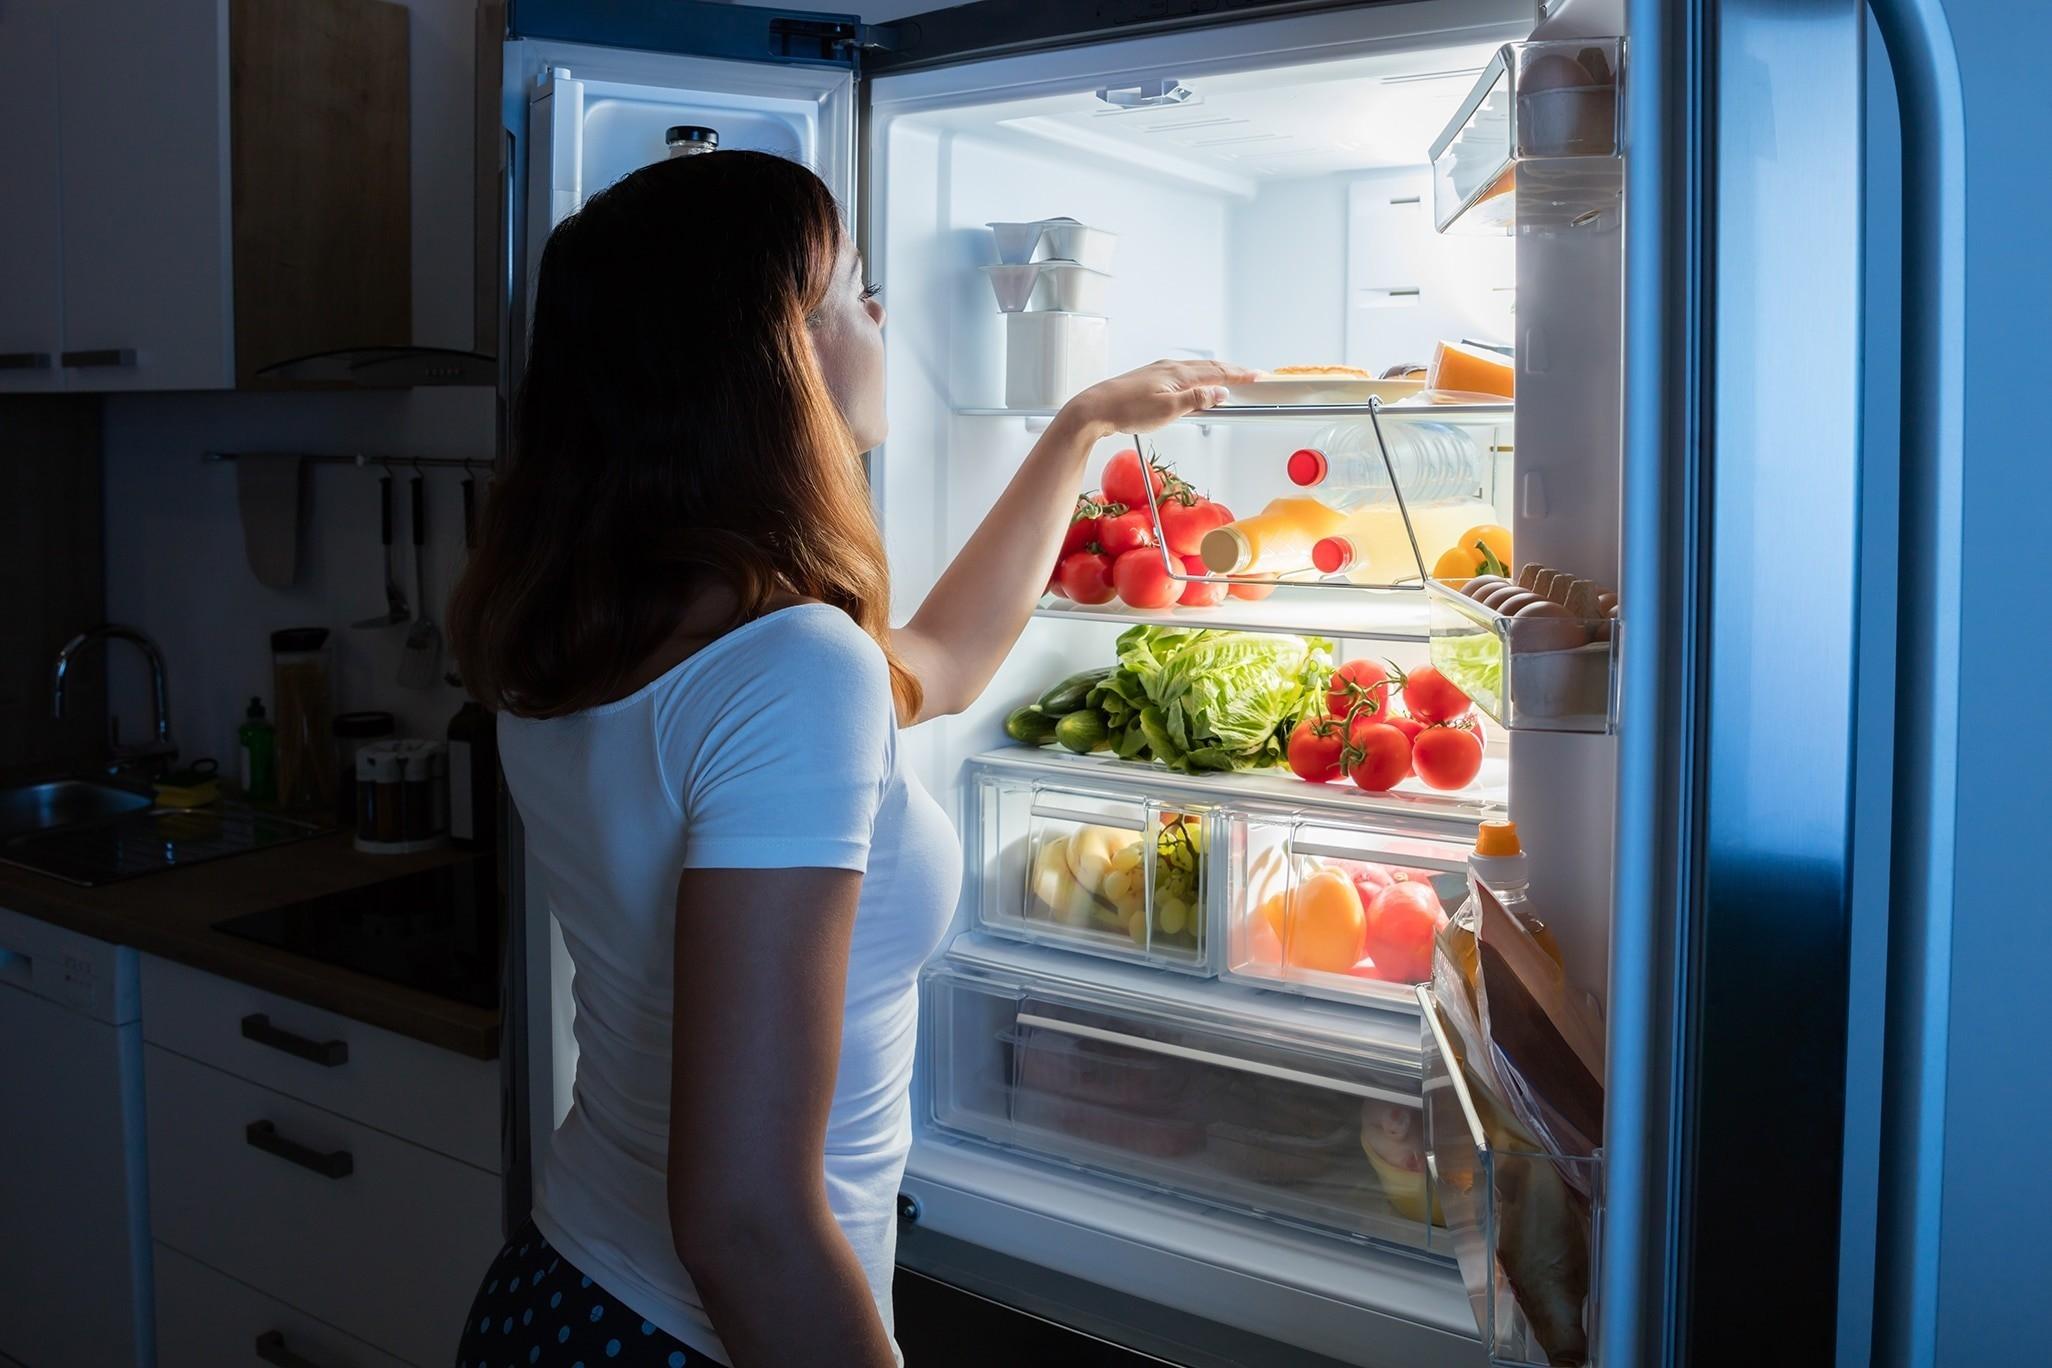 естественное охлаждение пищи